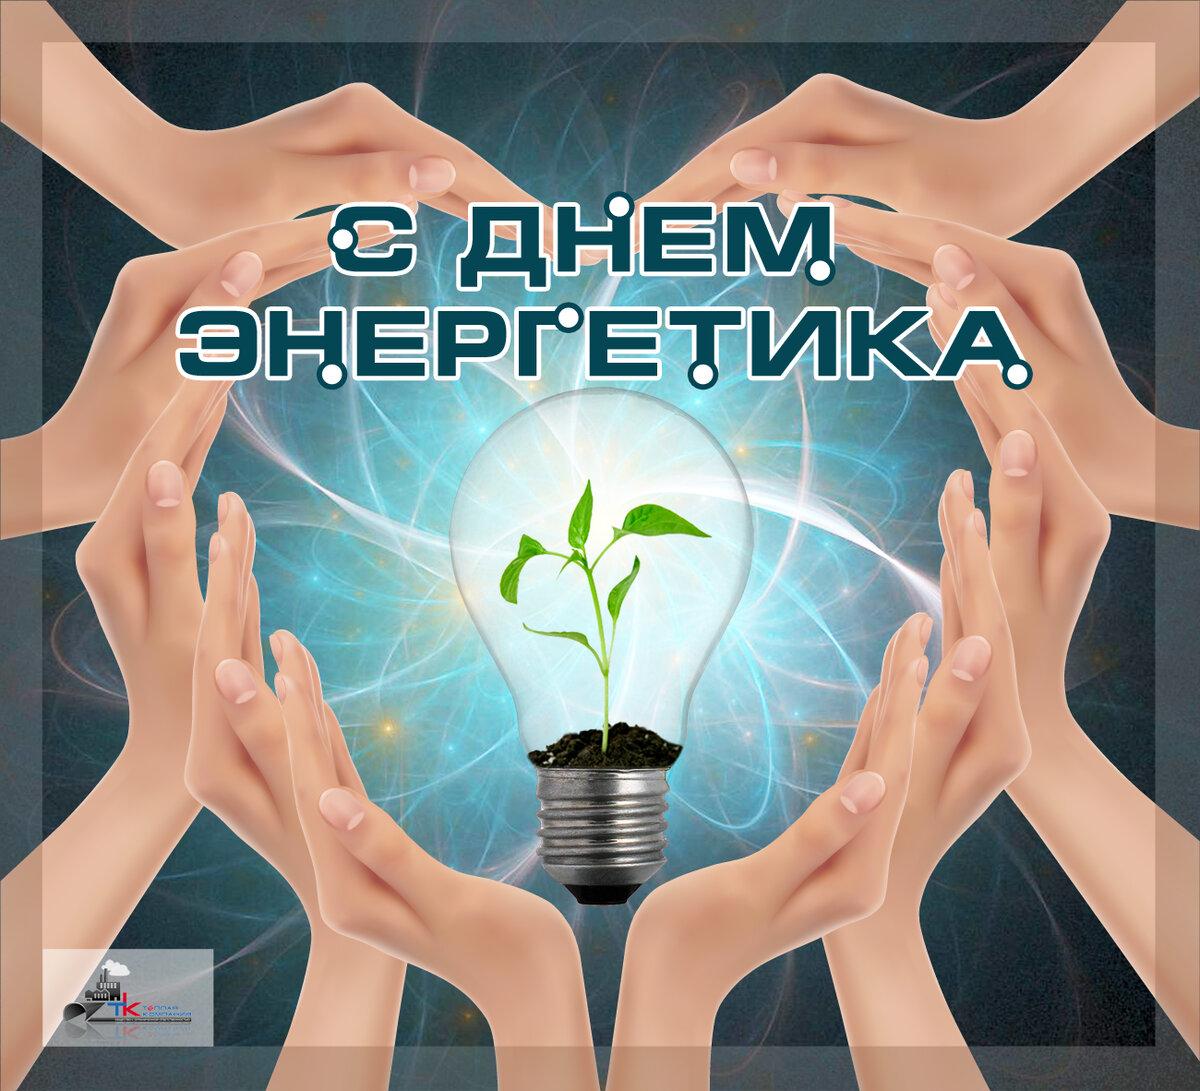 Энергетики прикольные картинки, всем привет